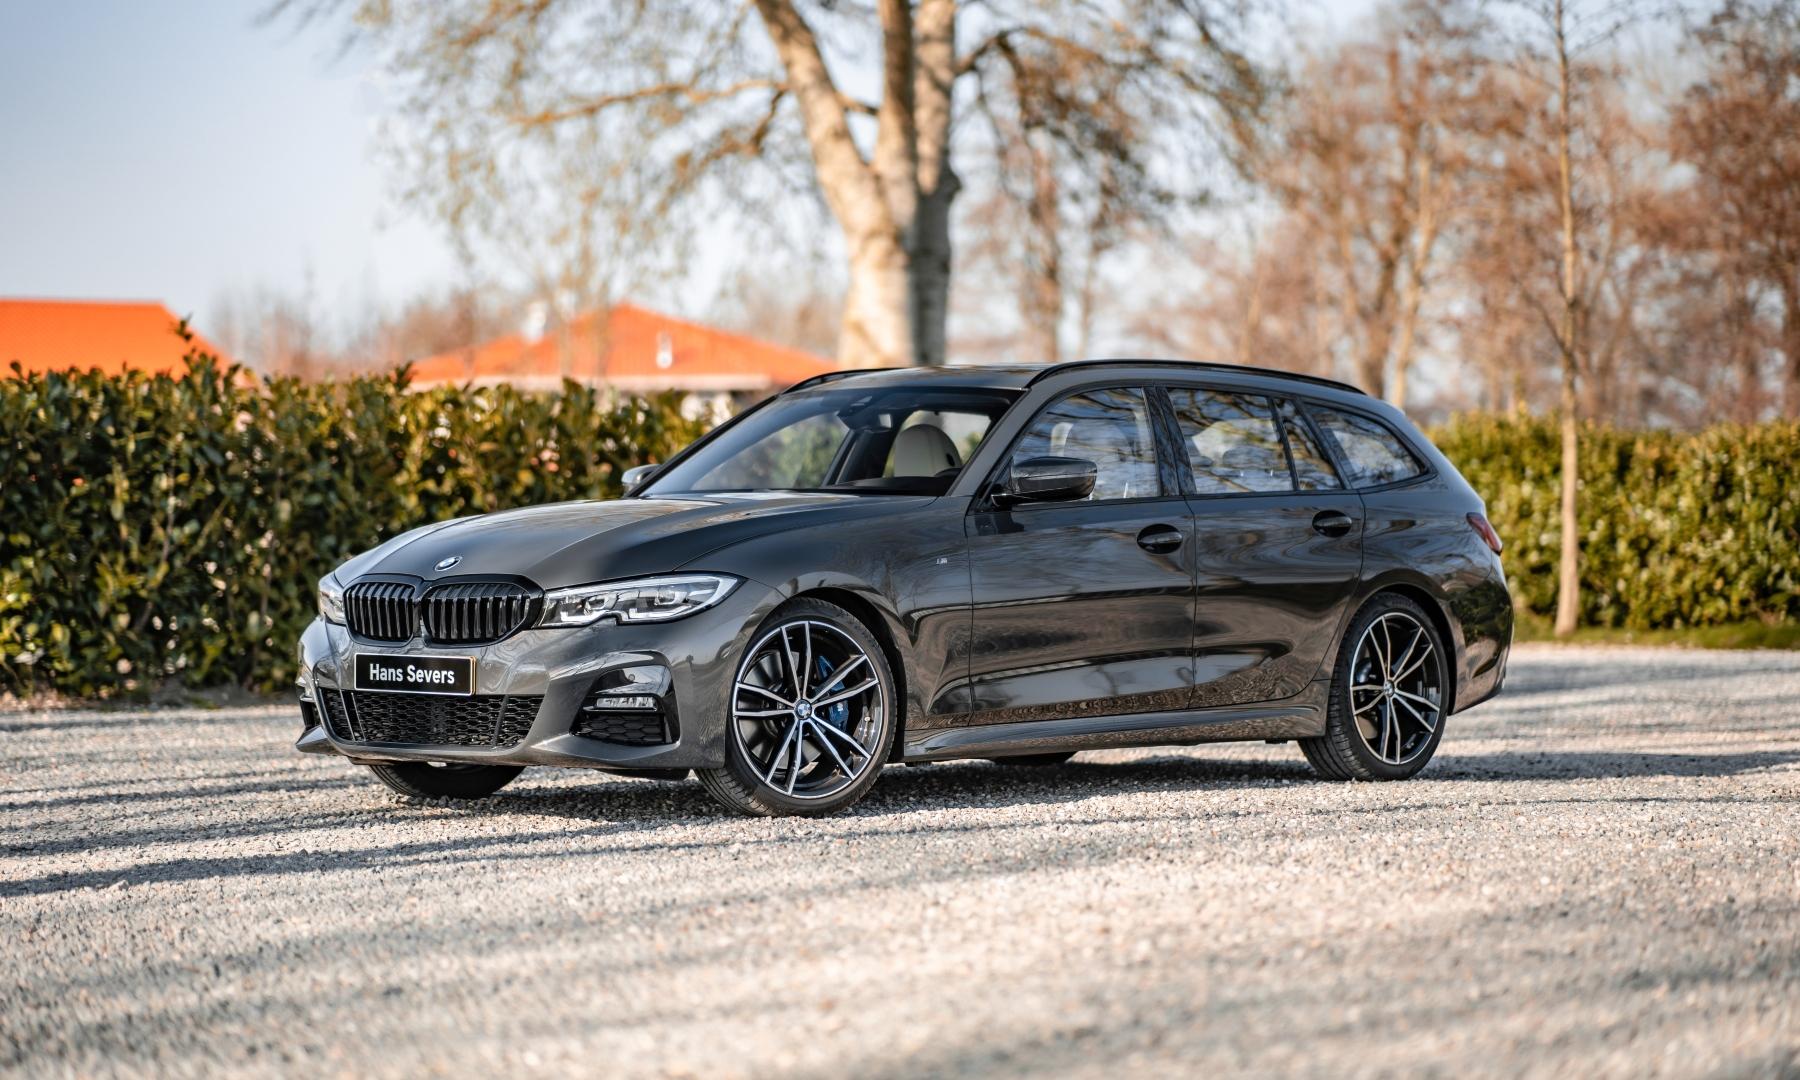 De BMW 3 Serie Touring